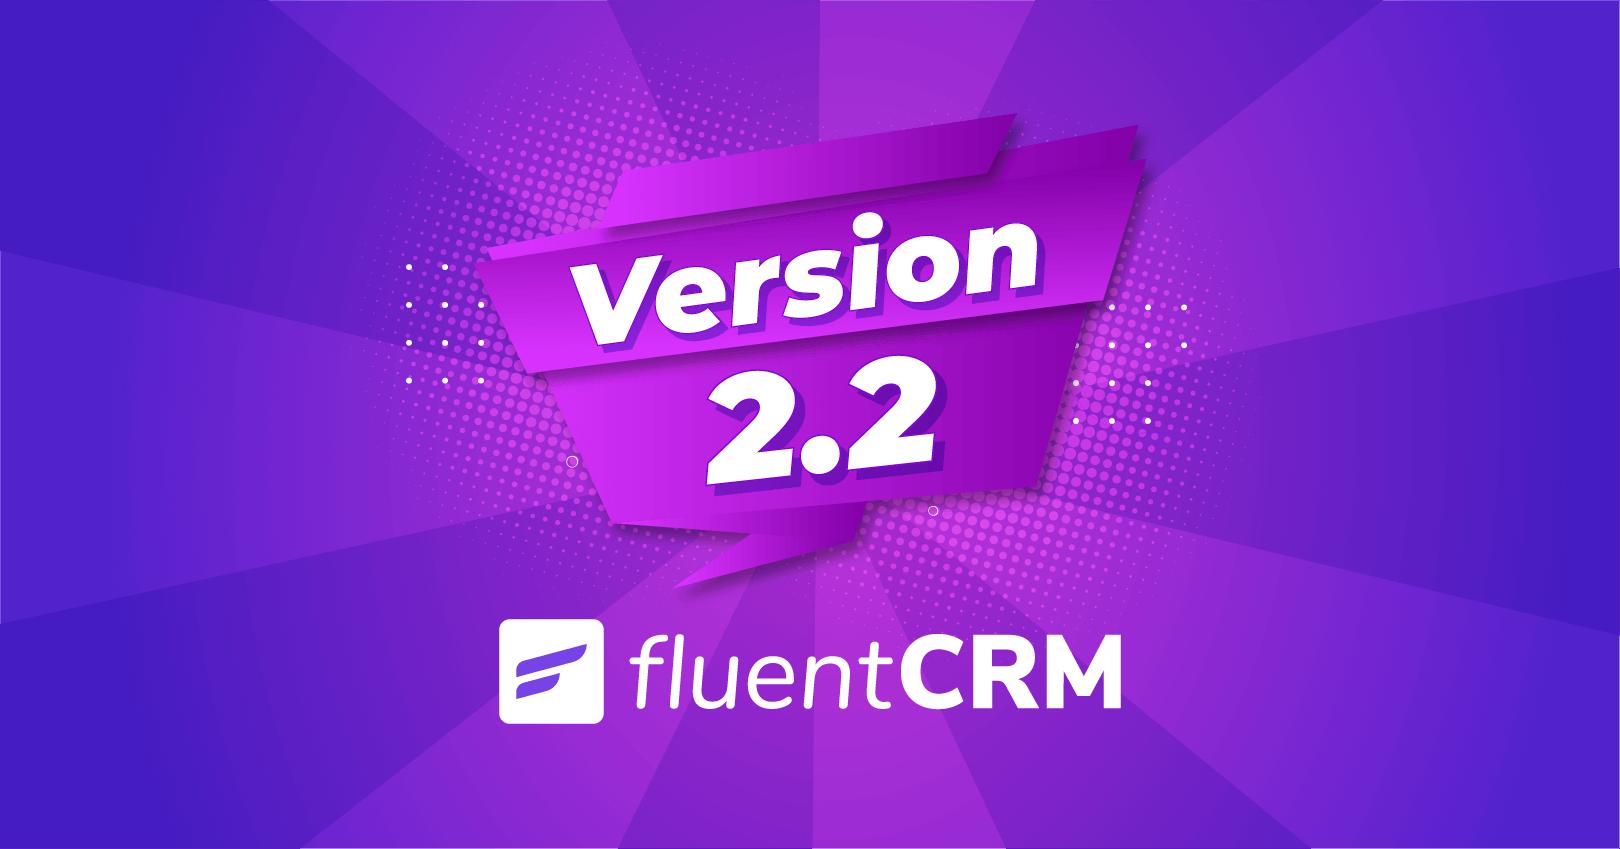 FluentCRM 2.2